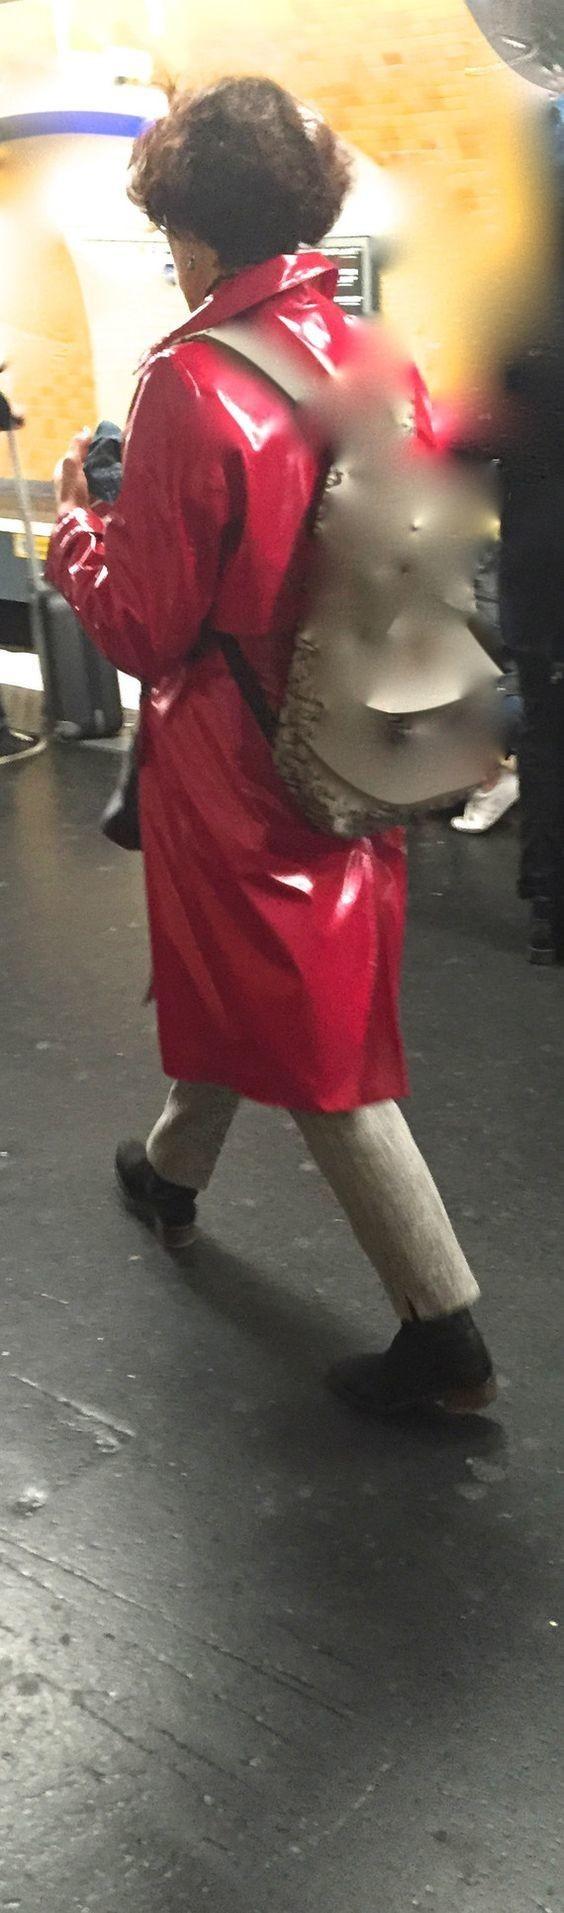 Joli ciré dans le métro.